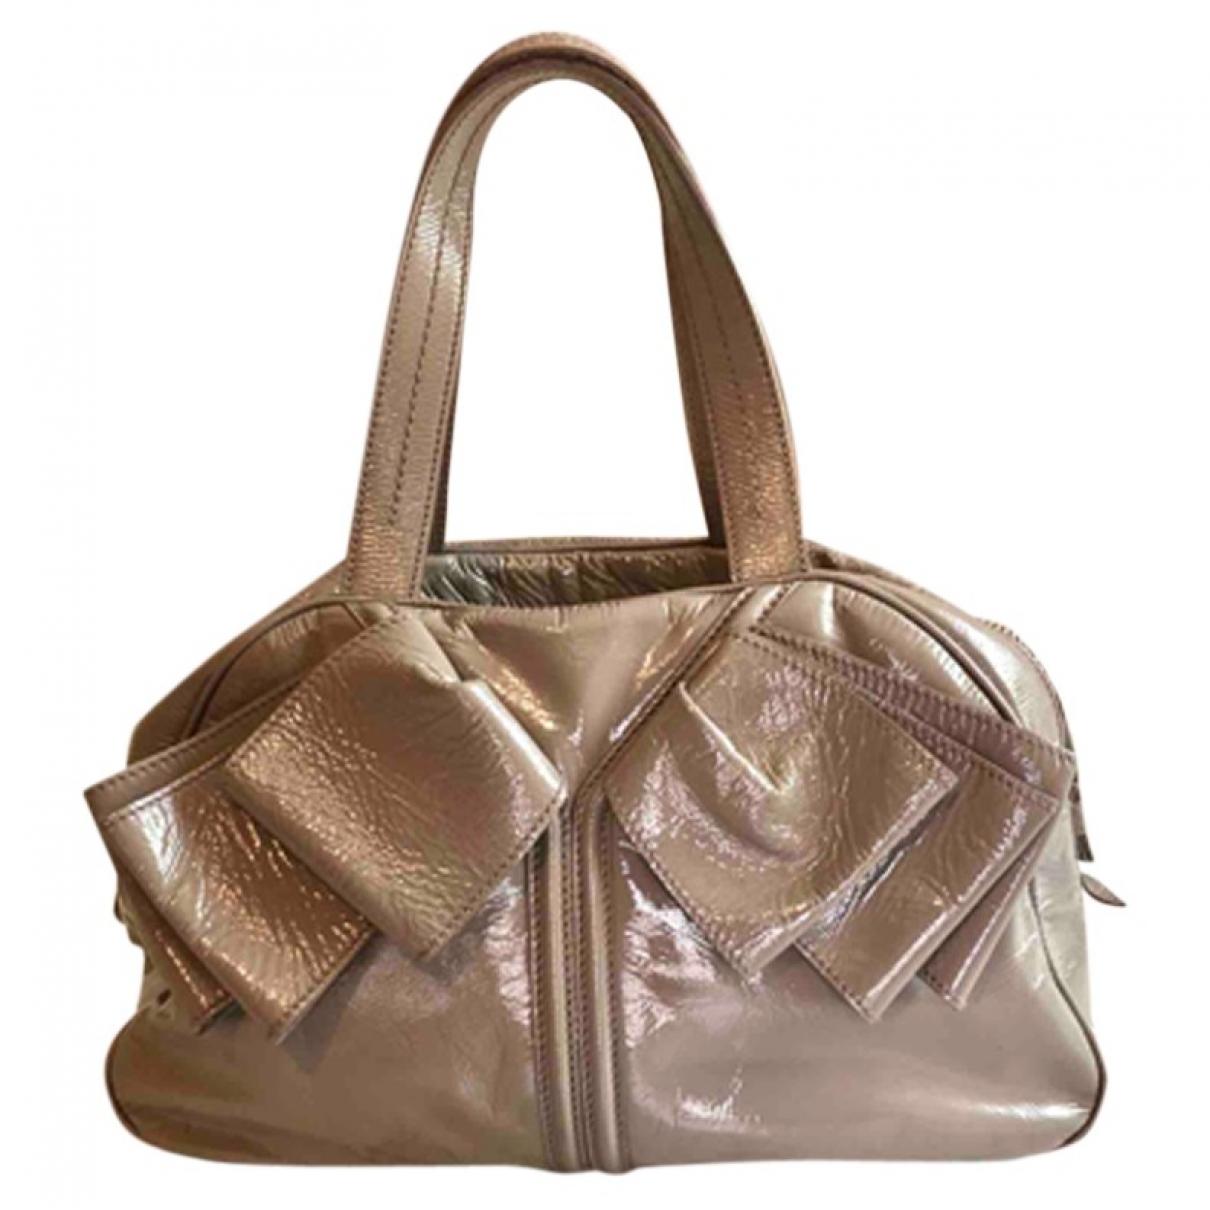 Saint Laurent Cabas Rive Gauche Grey Patent leather handbag for Women \N